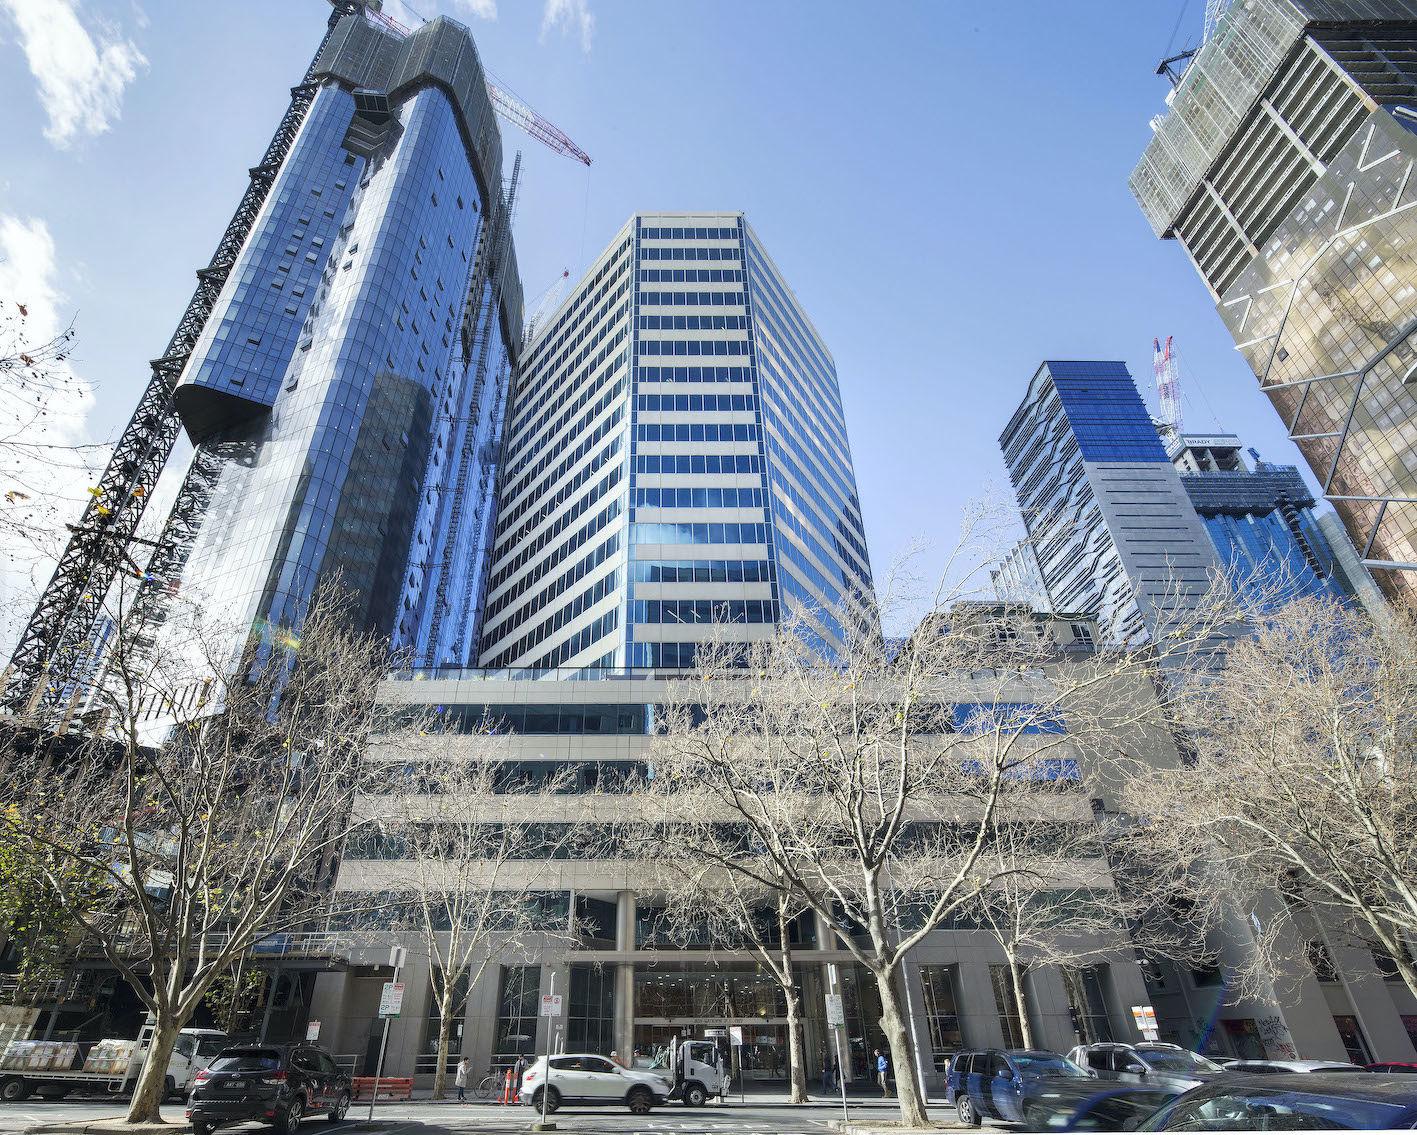 50 Queen Street in Melbourne - EDGEPROP SINGAPORE